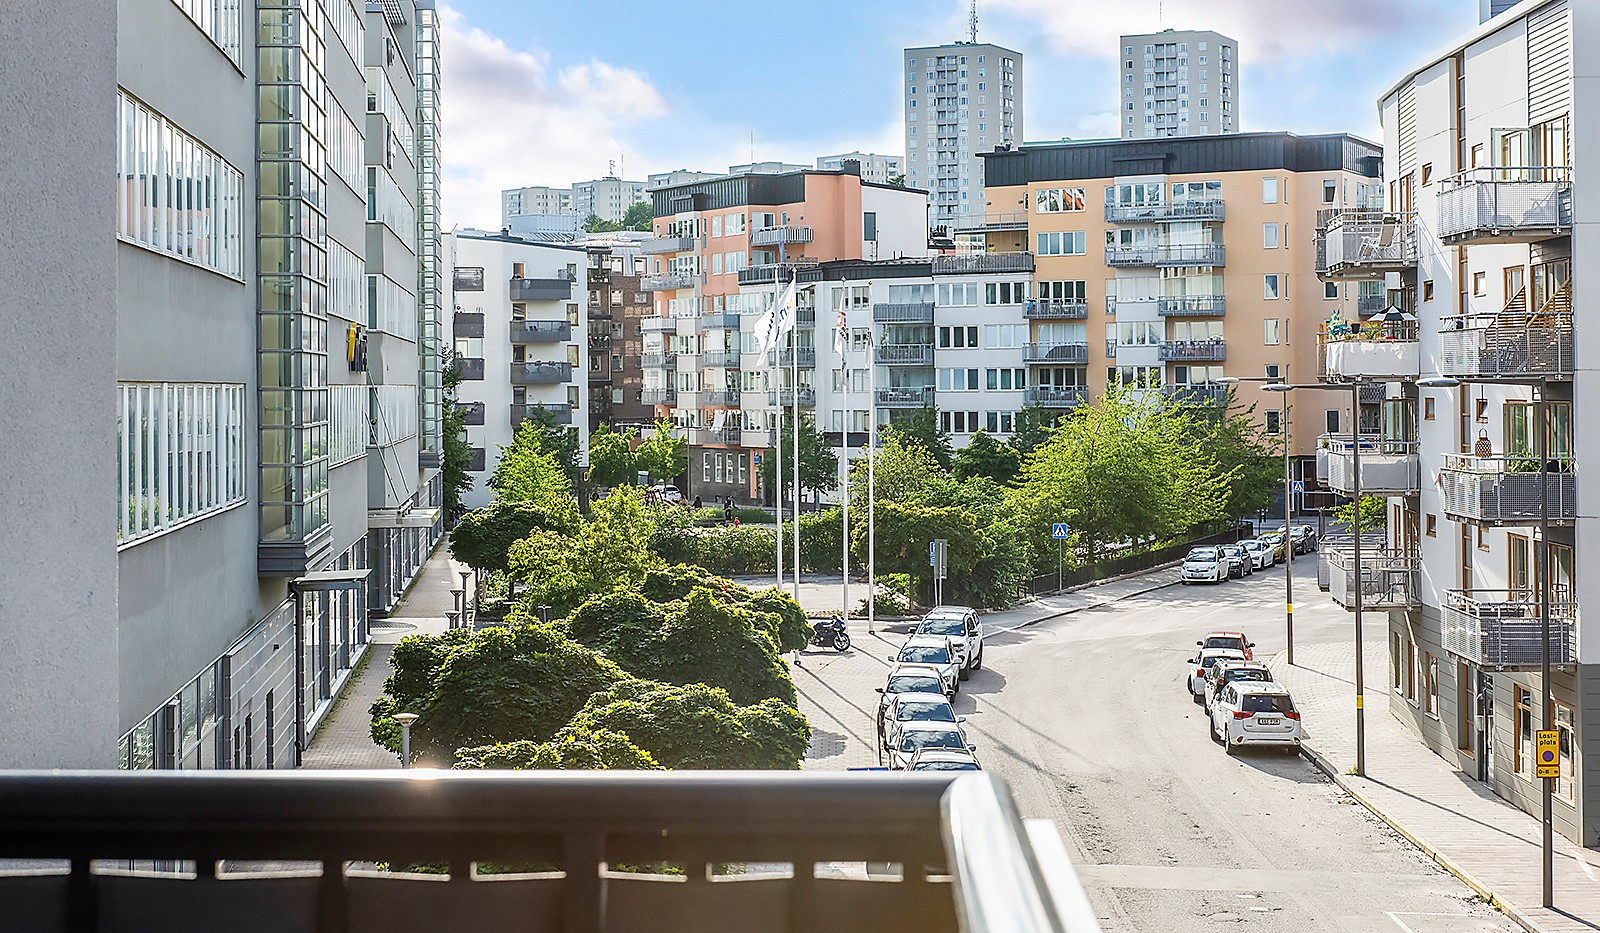 Oskarslundsbacken 1, 2tr - Fredsborgsparken intill bostaden